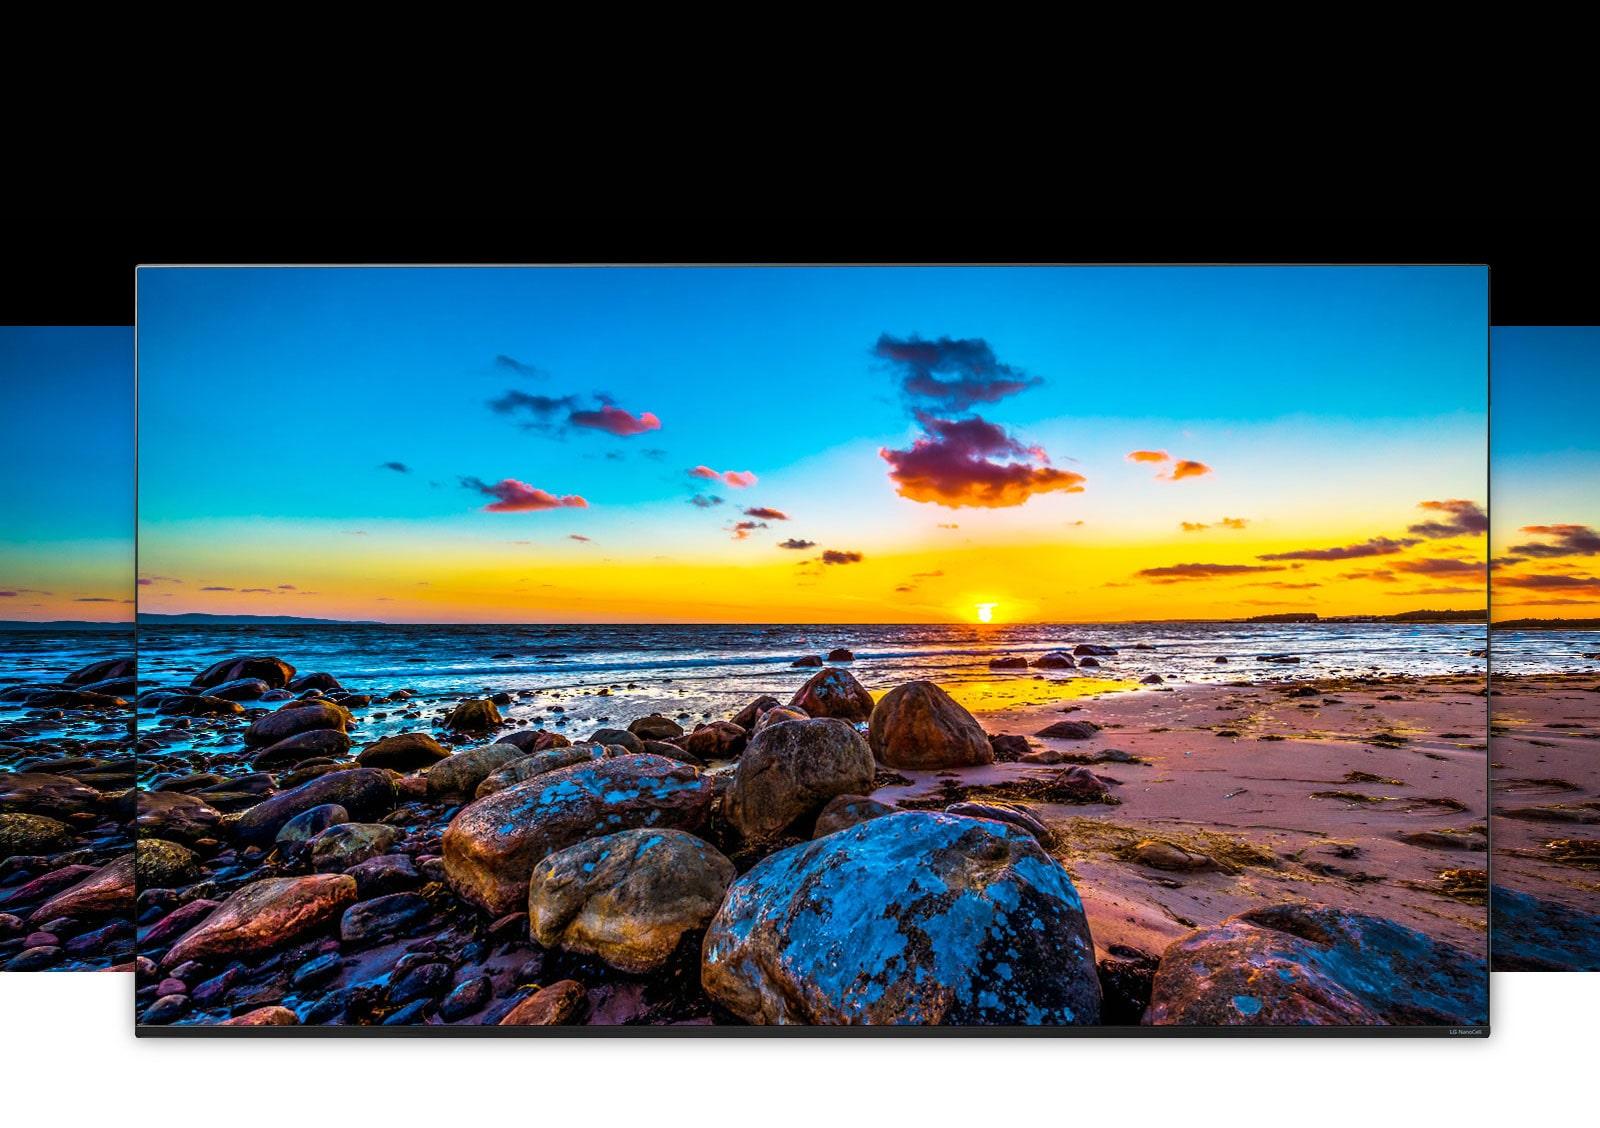 شاشة تلفزيون تتميز بزاوية مشاهدة واسعة تعرض مناظر طبيعية